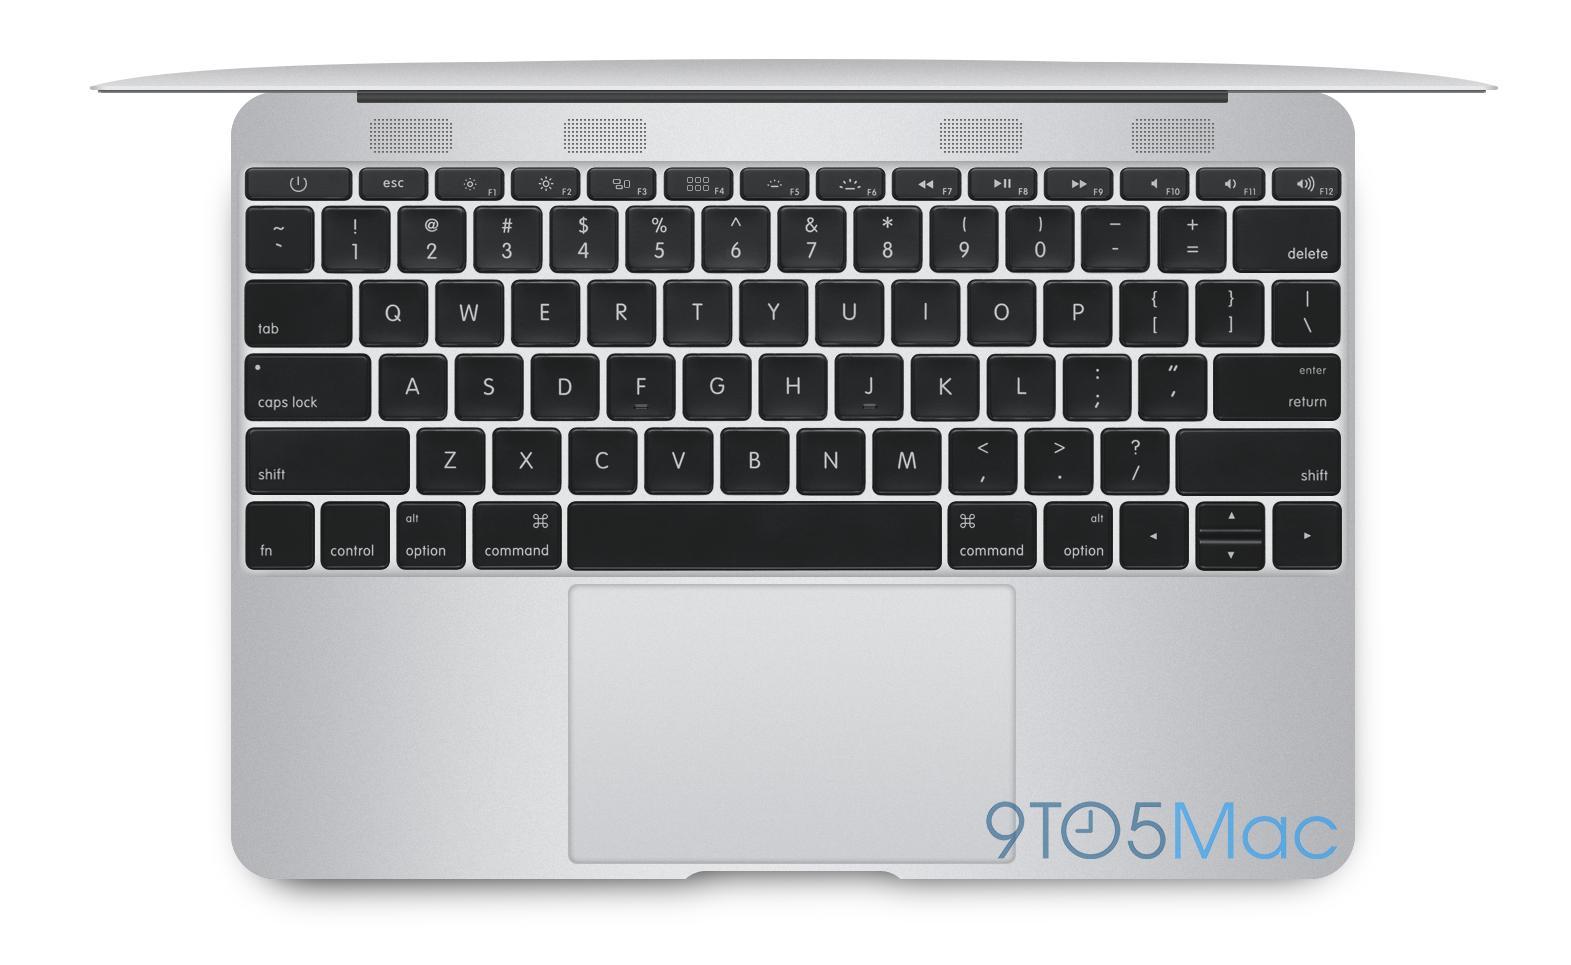 Keyboardet skal være noe smalere enn tidligere. (Illustrasjon: Michael Steeber/ 9to5mac.com)